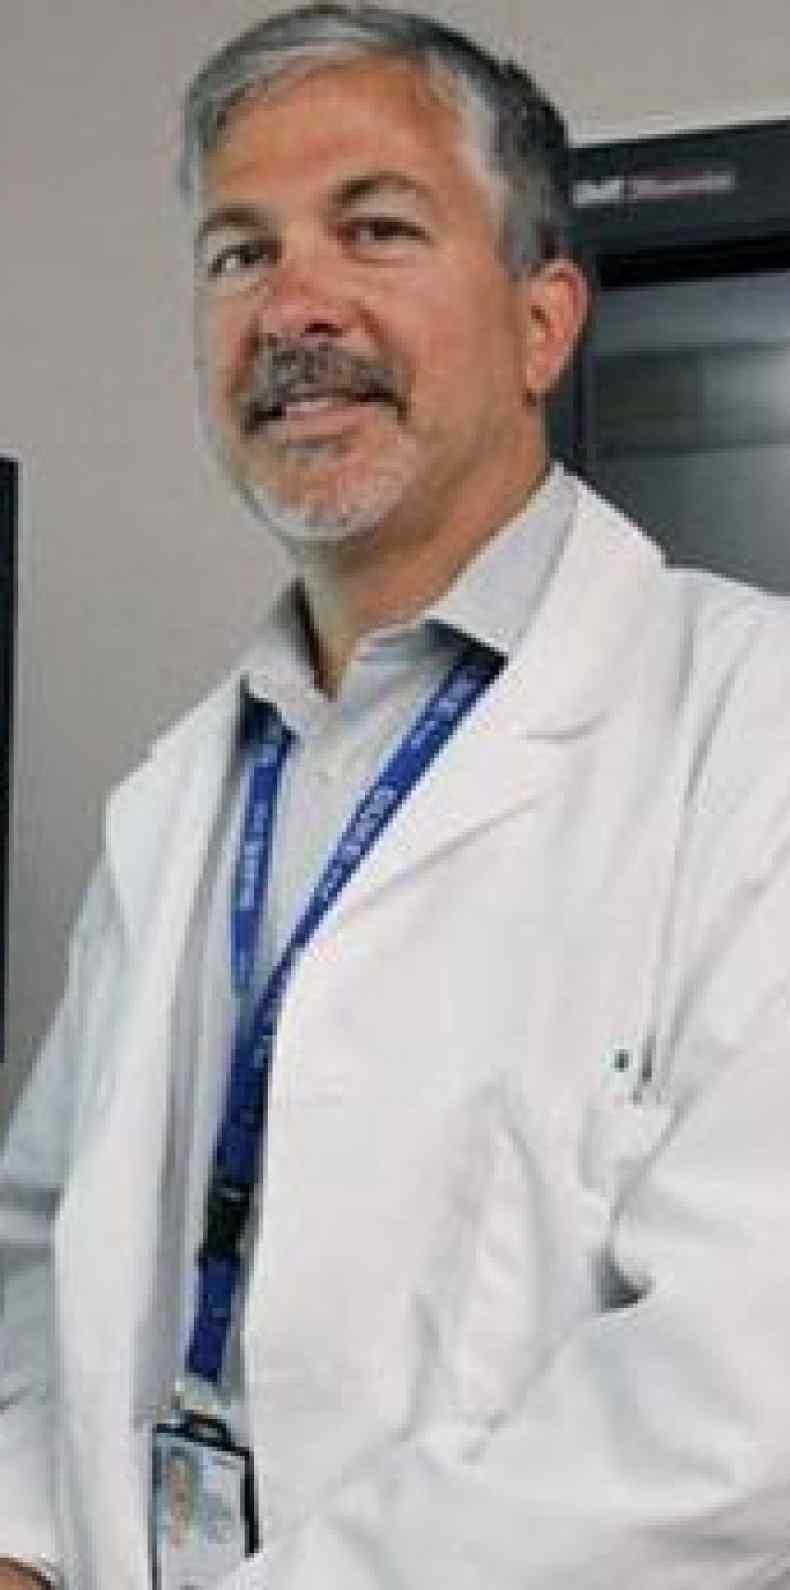 David Wiener MD